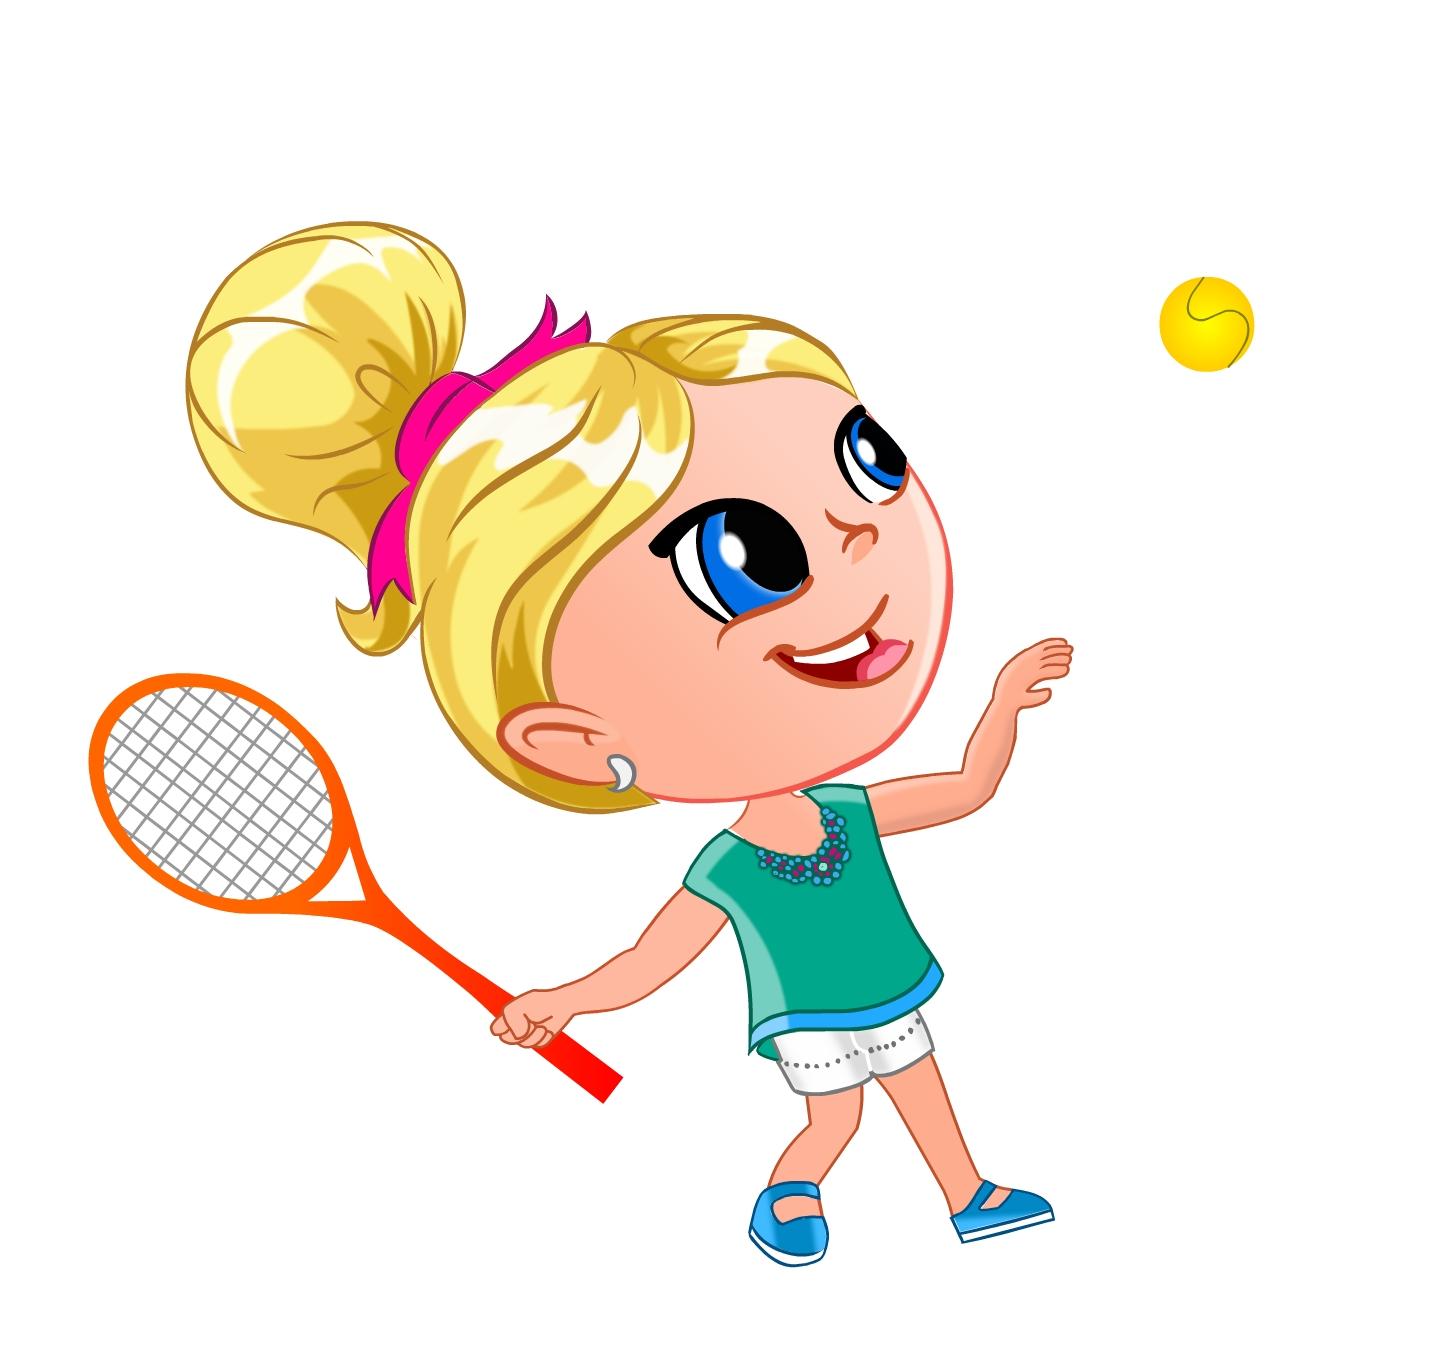 Картинки тенниса большого для детей, петельчатый